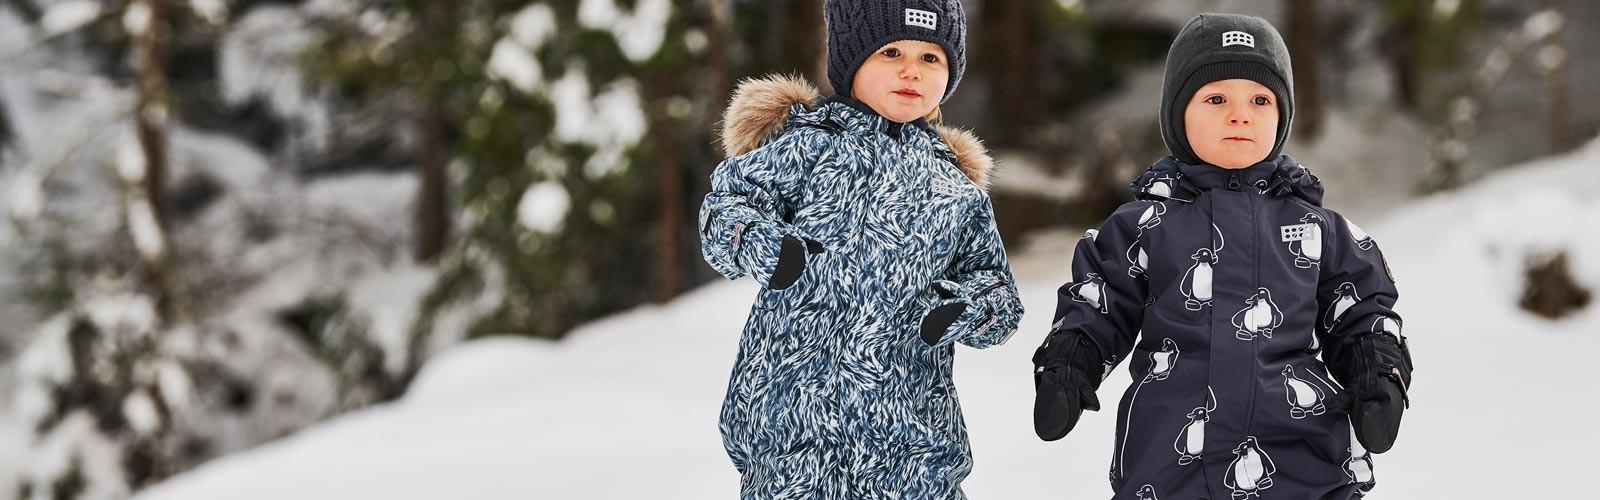 Sous-vêtement thermique enfant